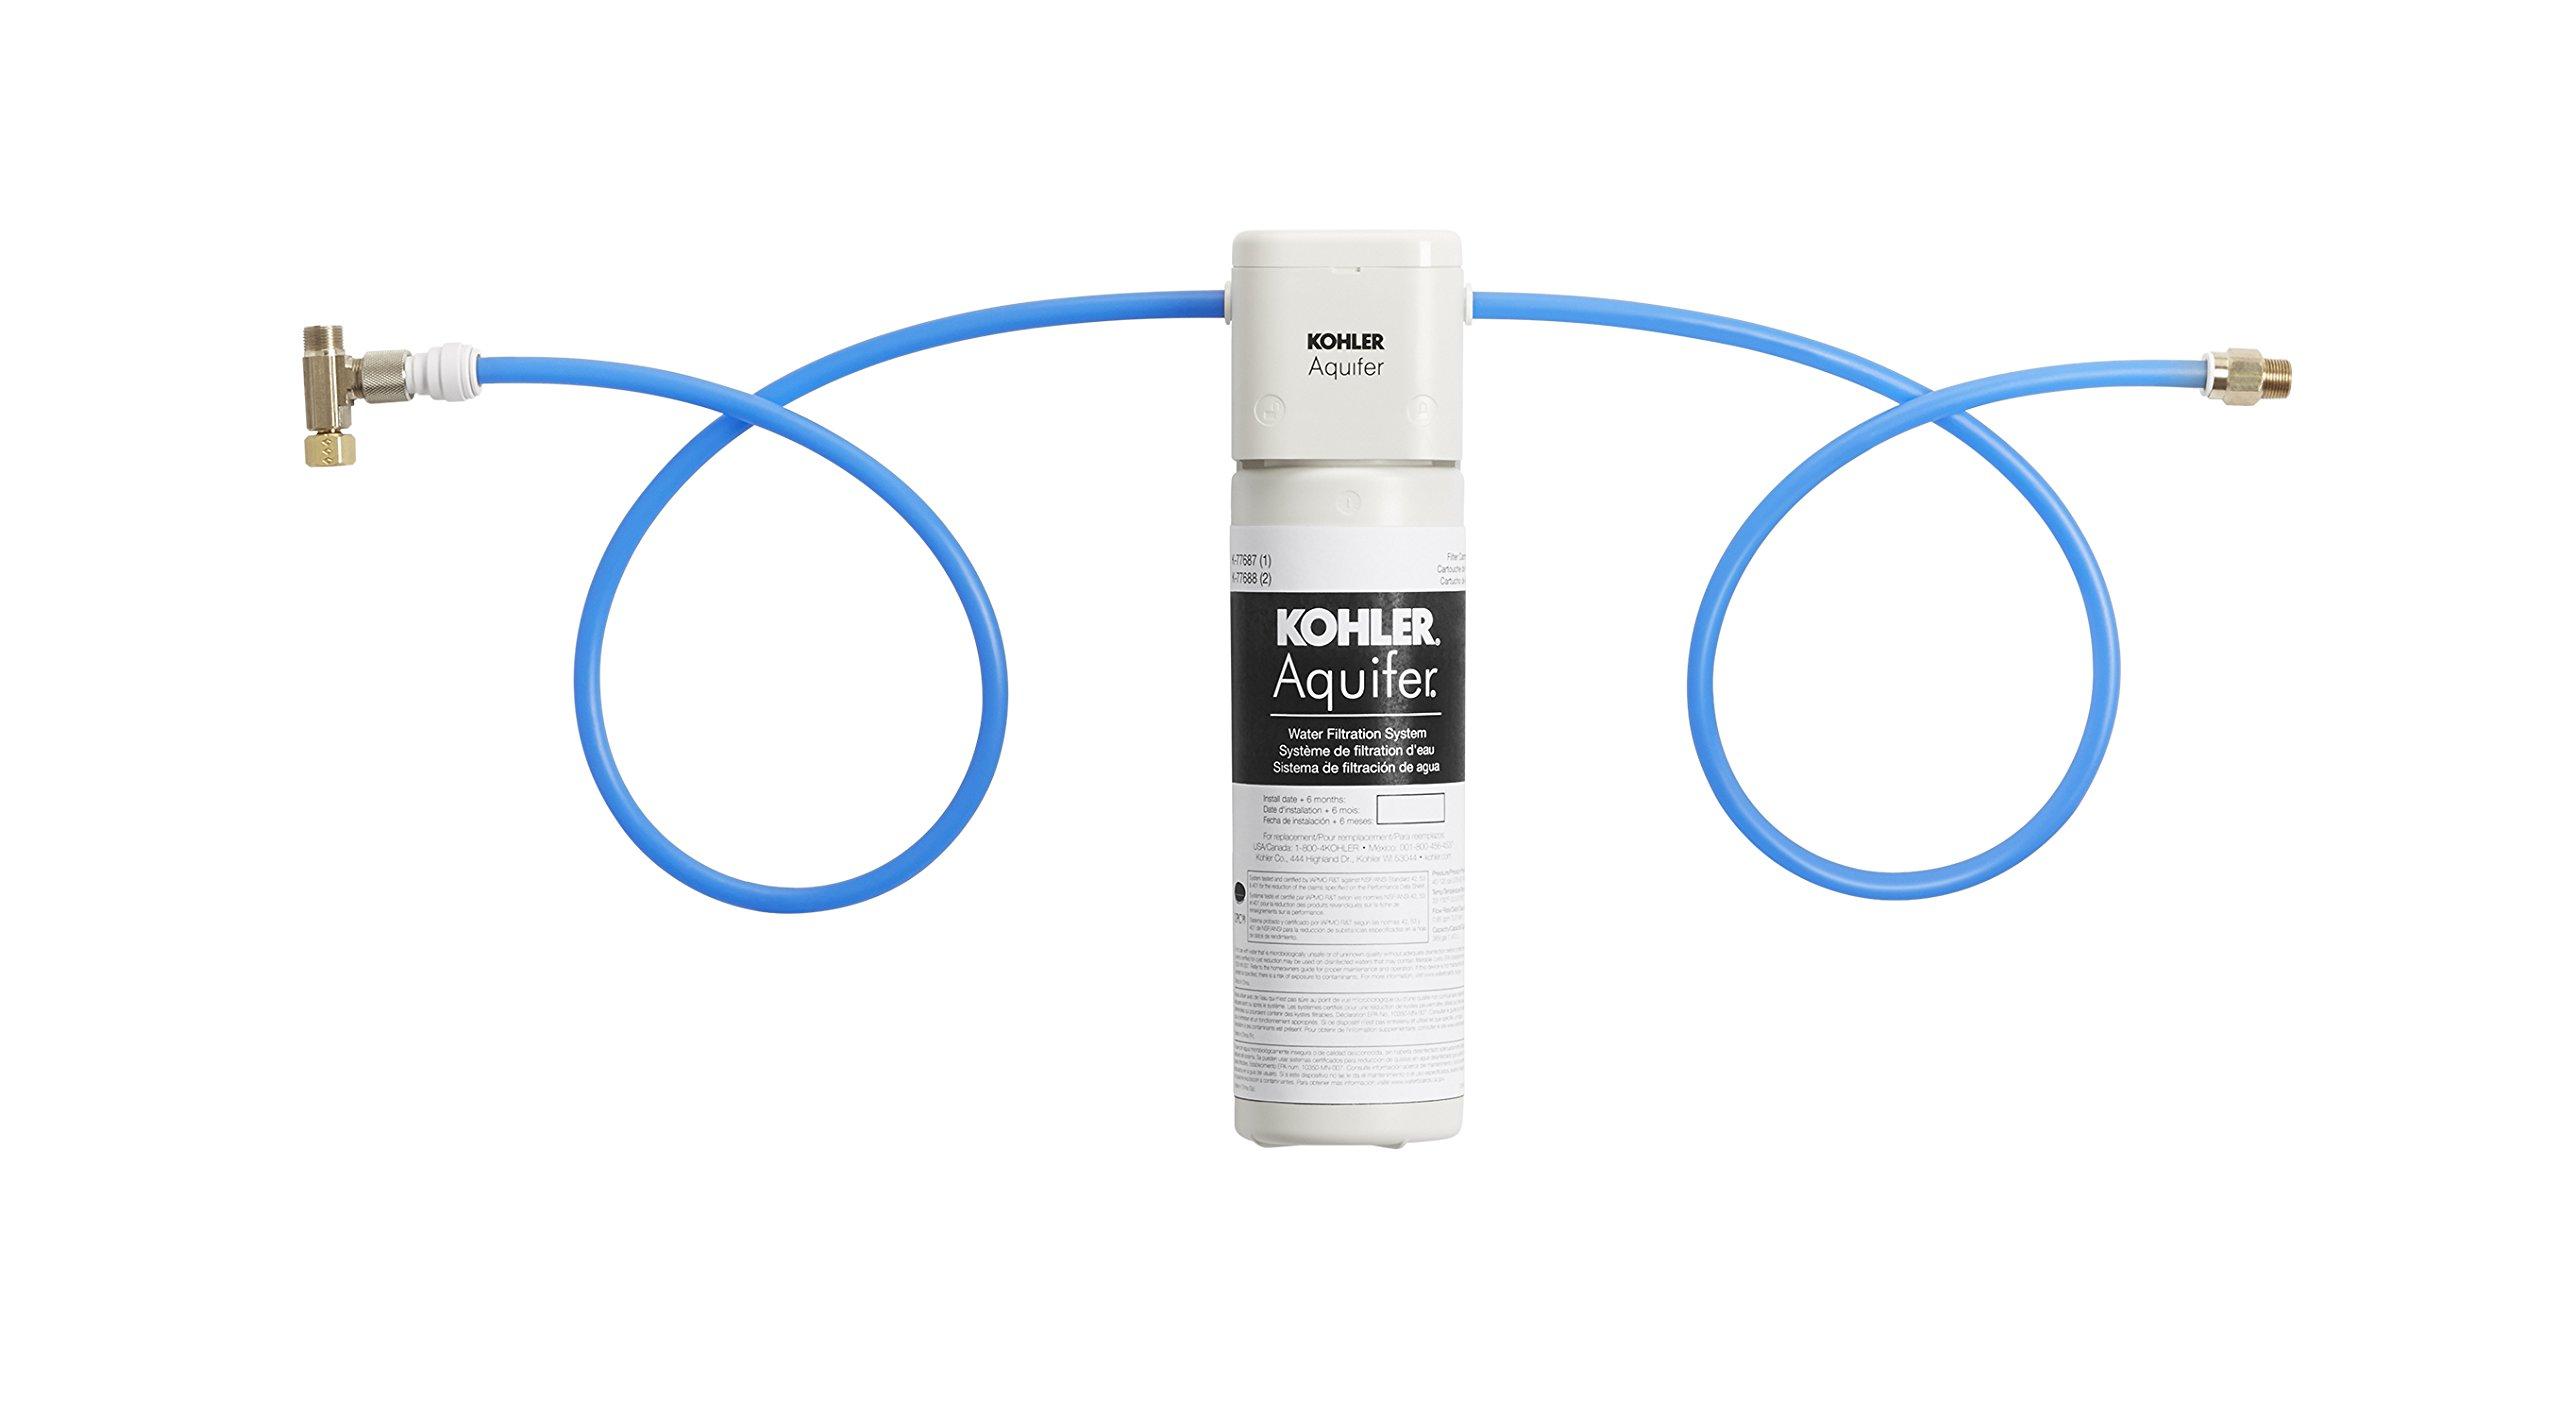 KOHLER 77685-NA Aquifer Single Cartridge Water Filtration System by Kohler